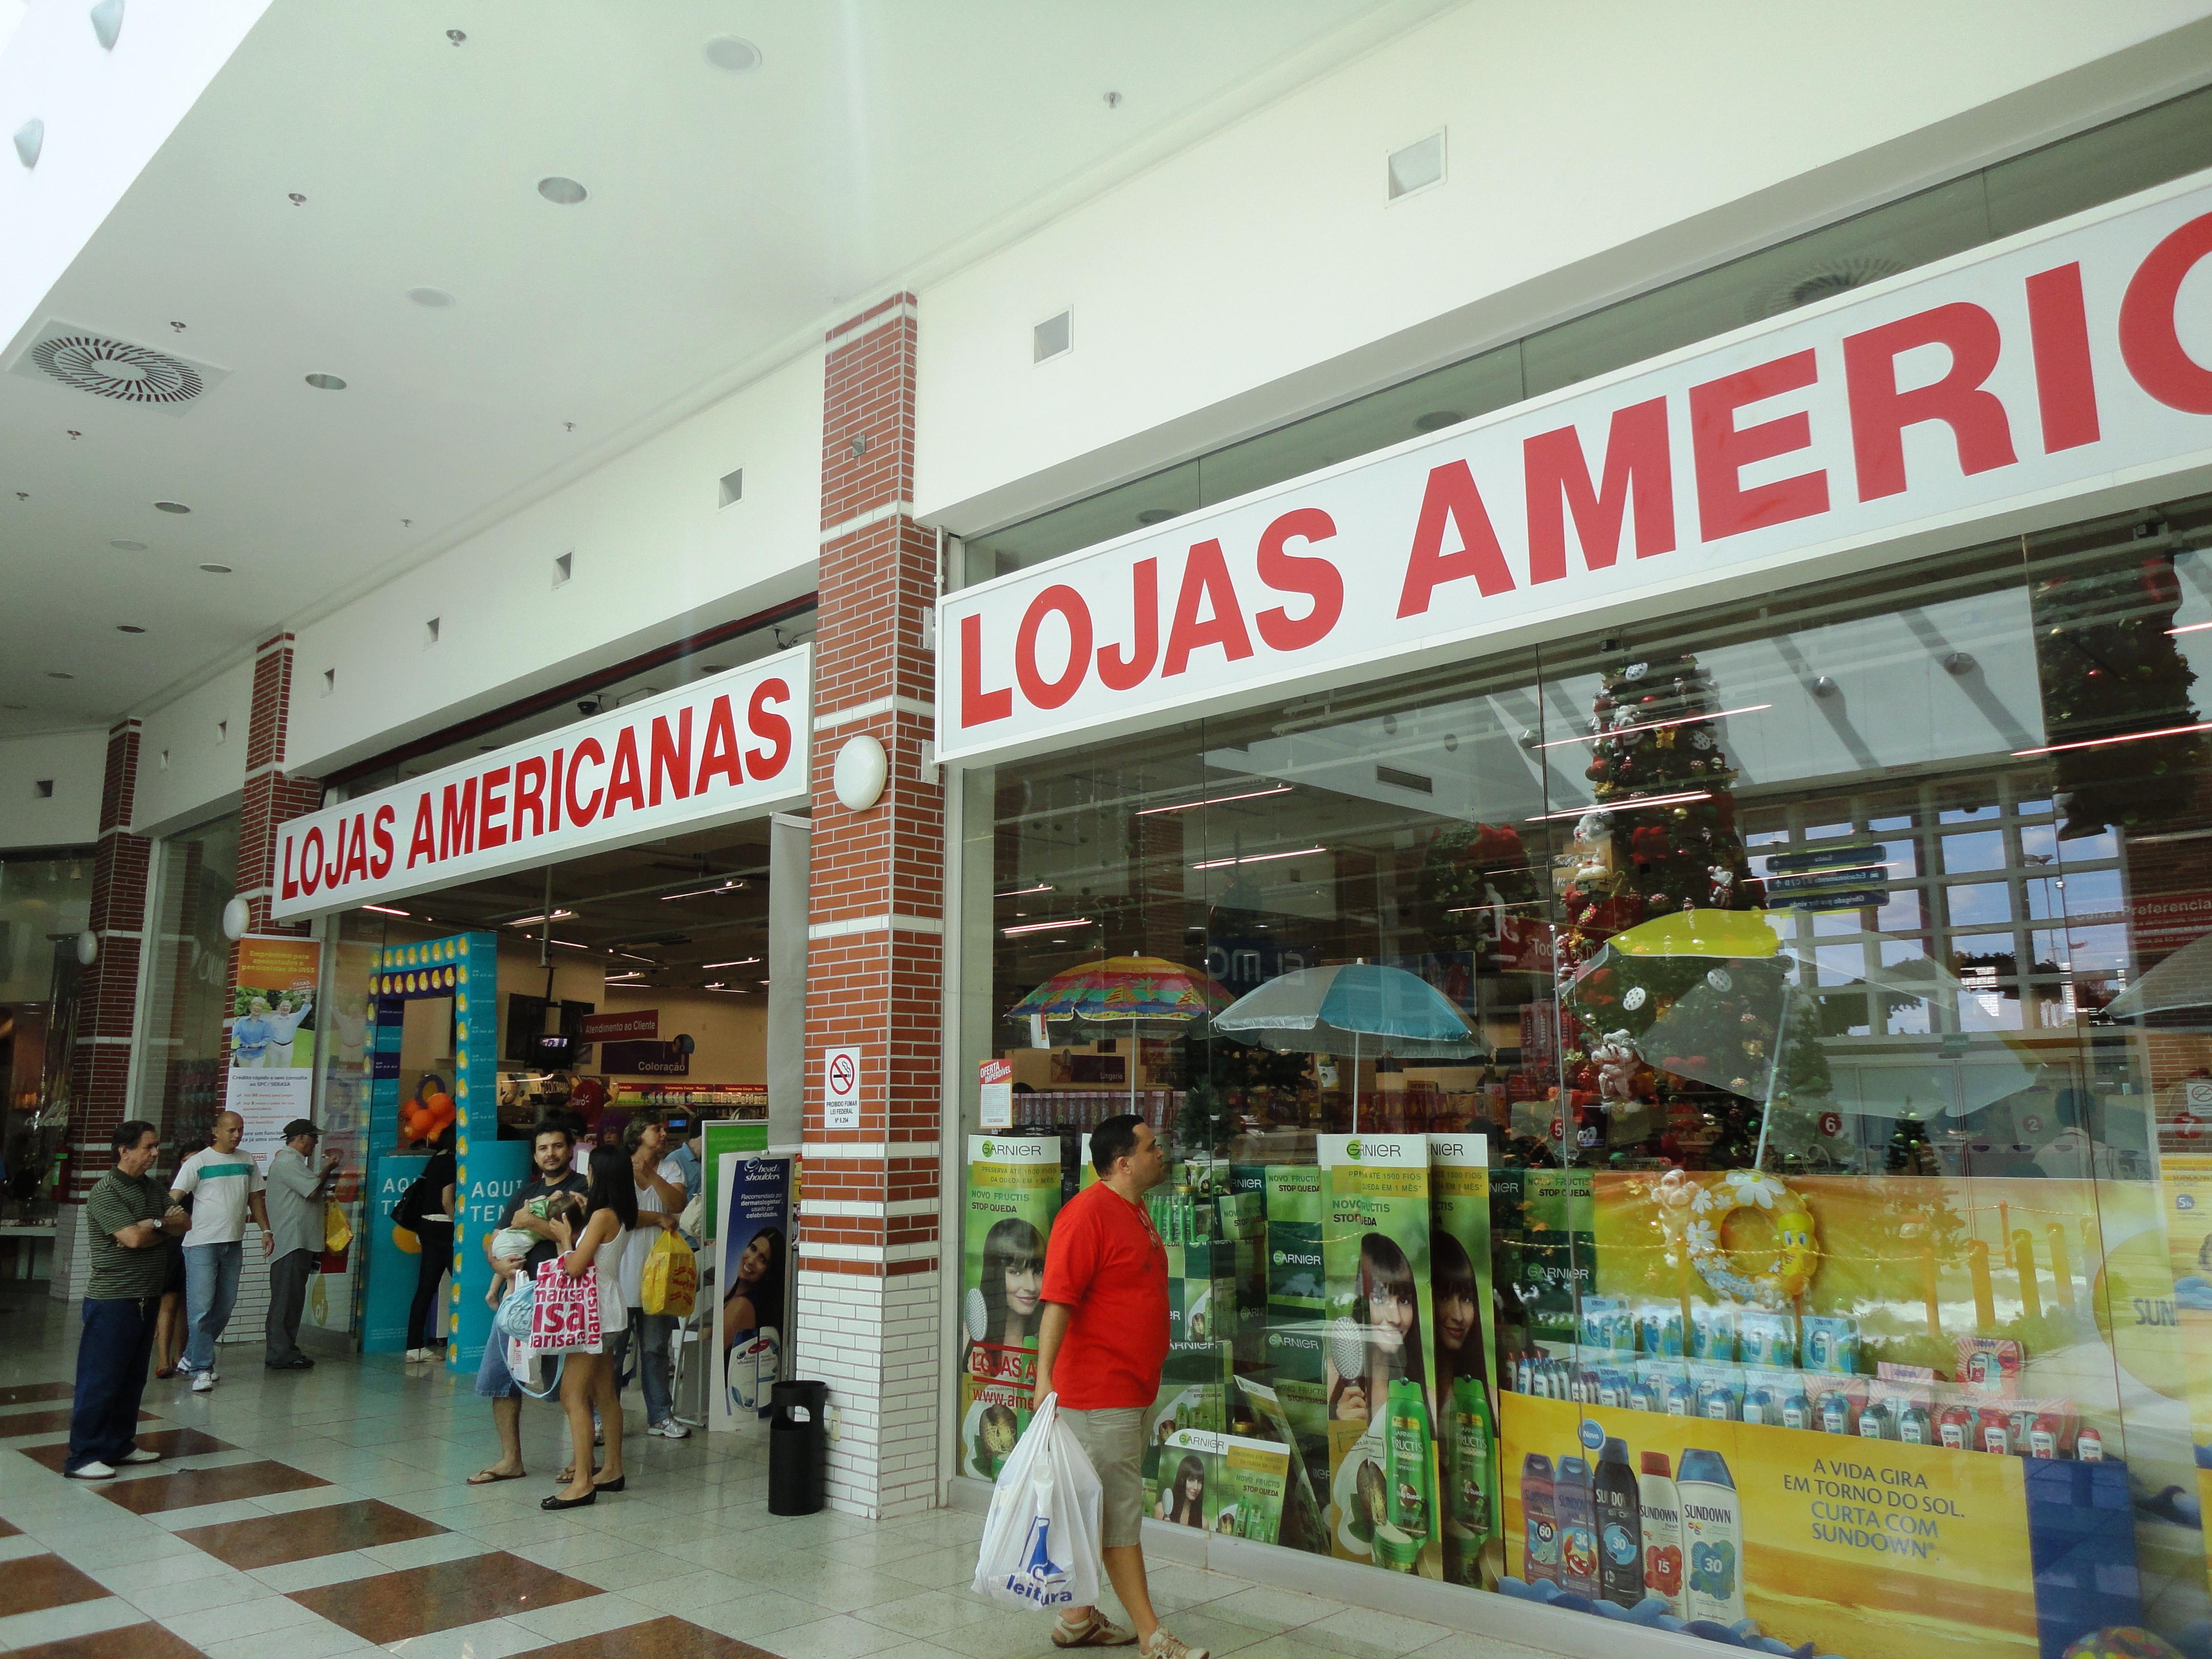 899d4192729 Lojas Americanas in Ipatinga.